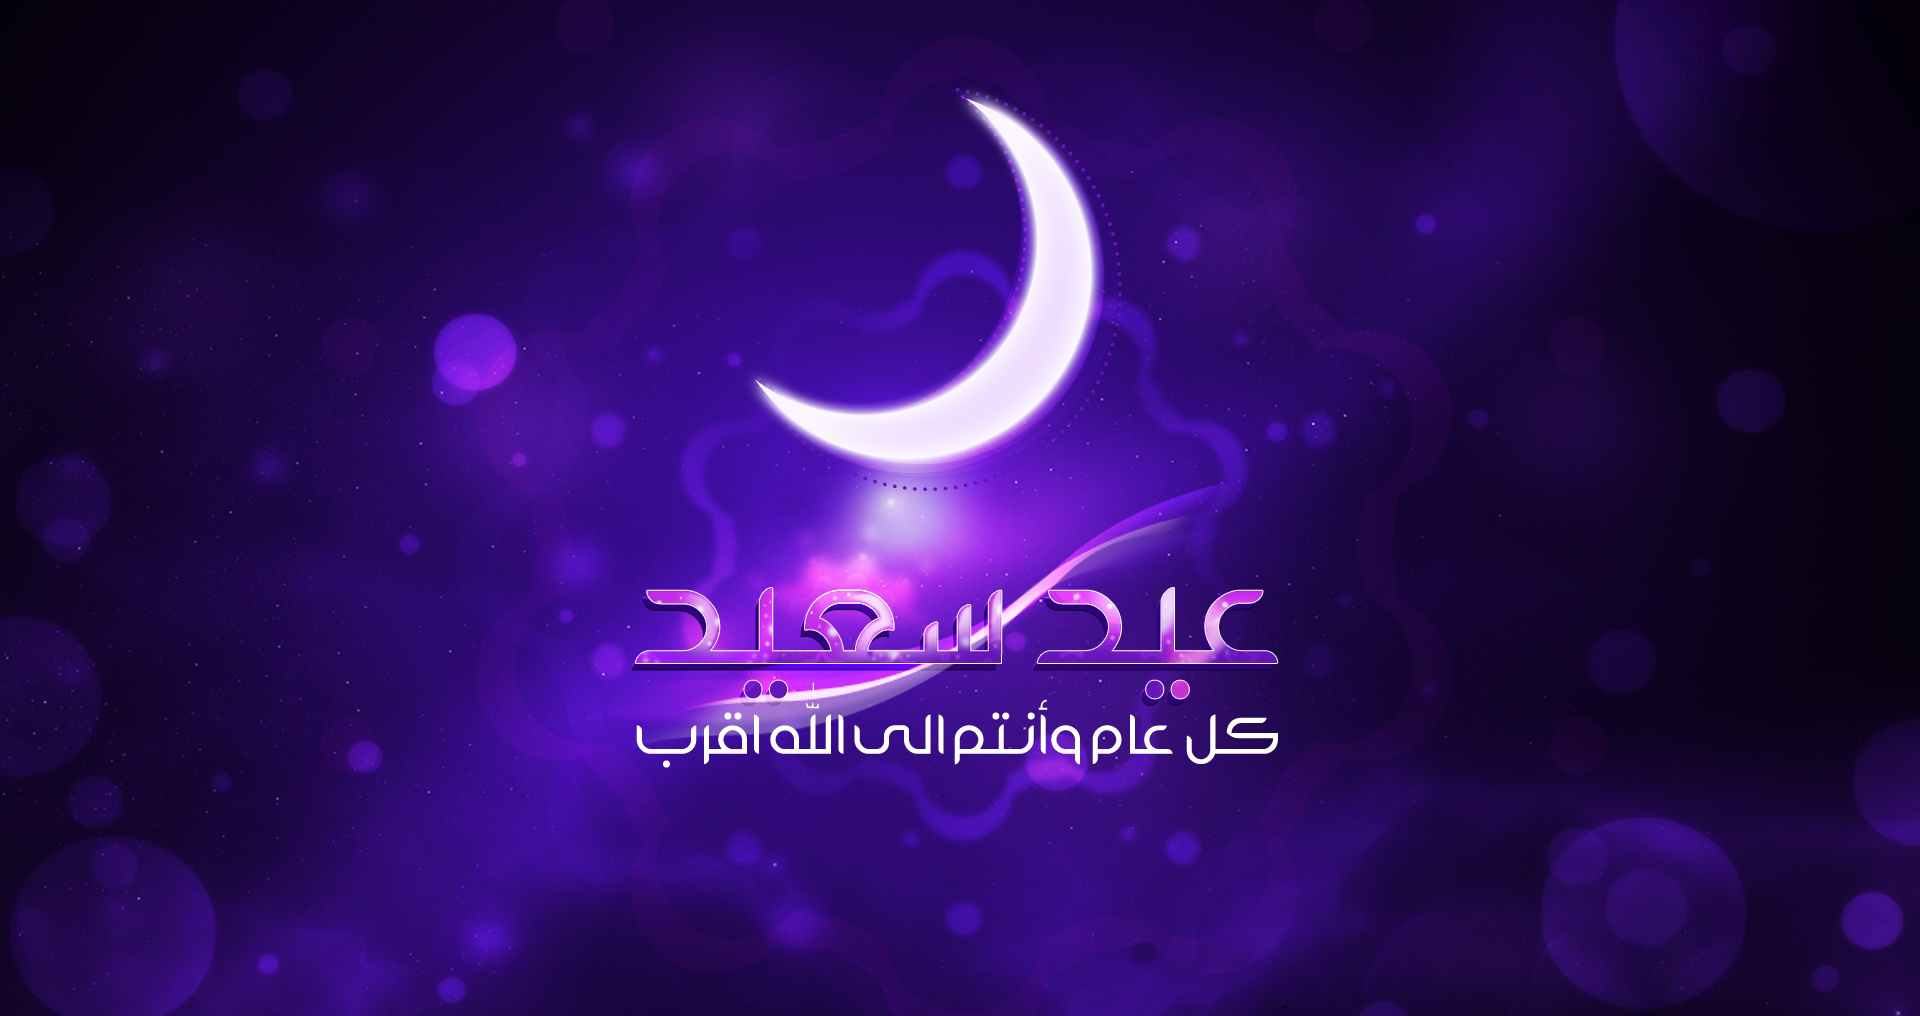 موعد أول أيام عيد الفطر 2021 في مصر والسعودية والدول العربية ونهاية رمضان فلكياً وموعد صلاة العيد 3